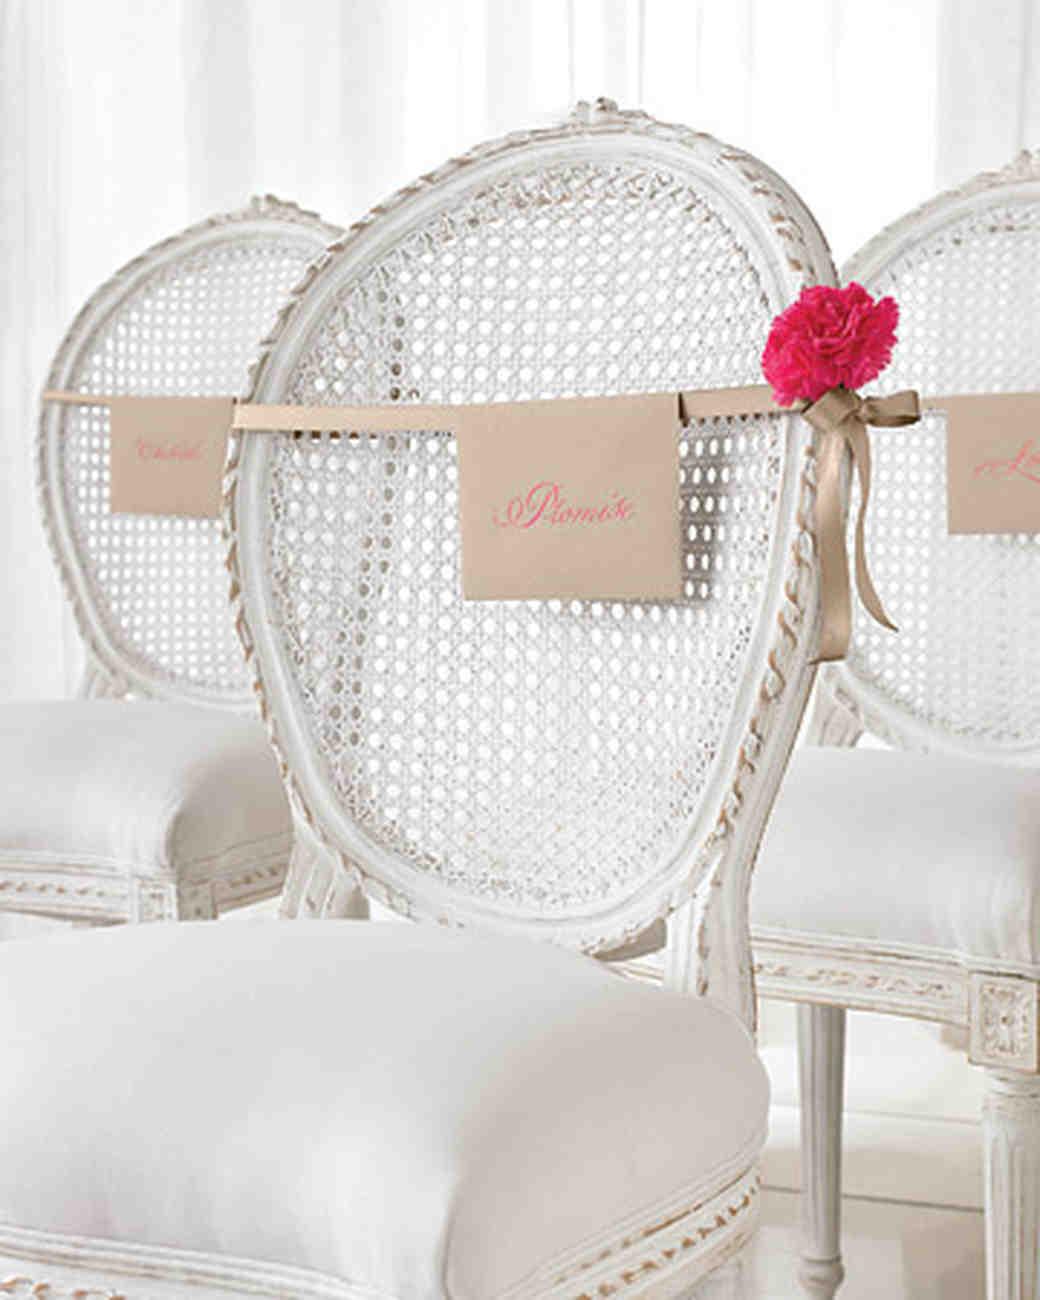 mwd103851_sum08_chairs.jpg